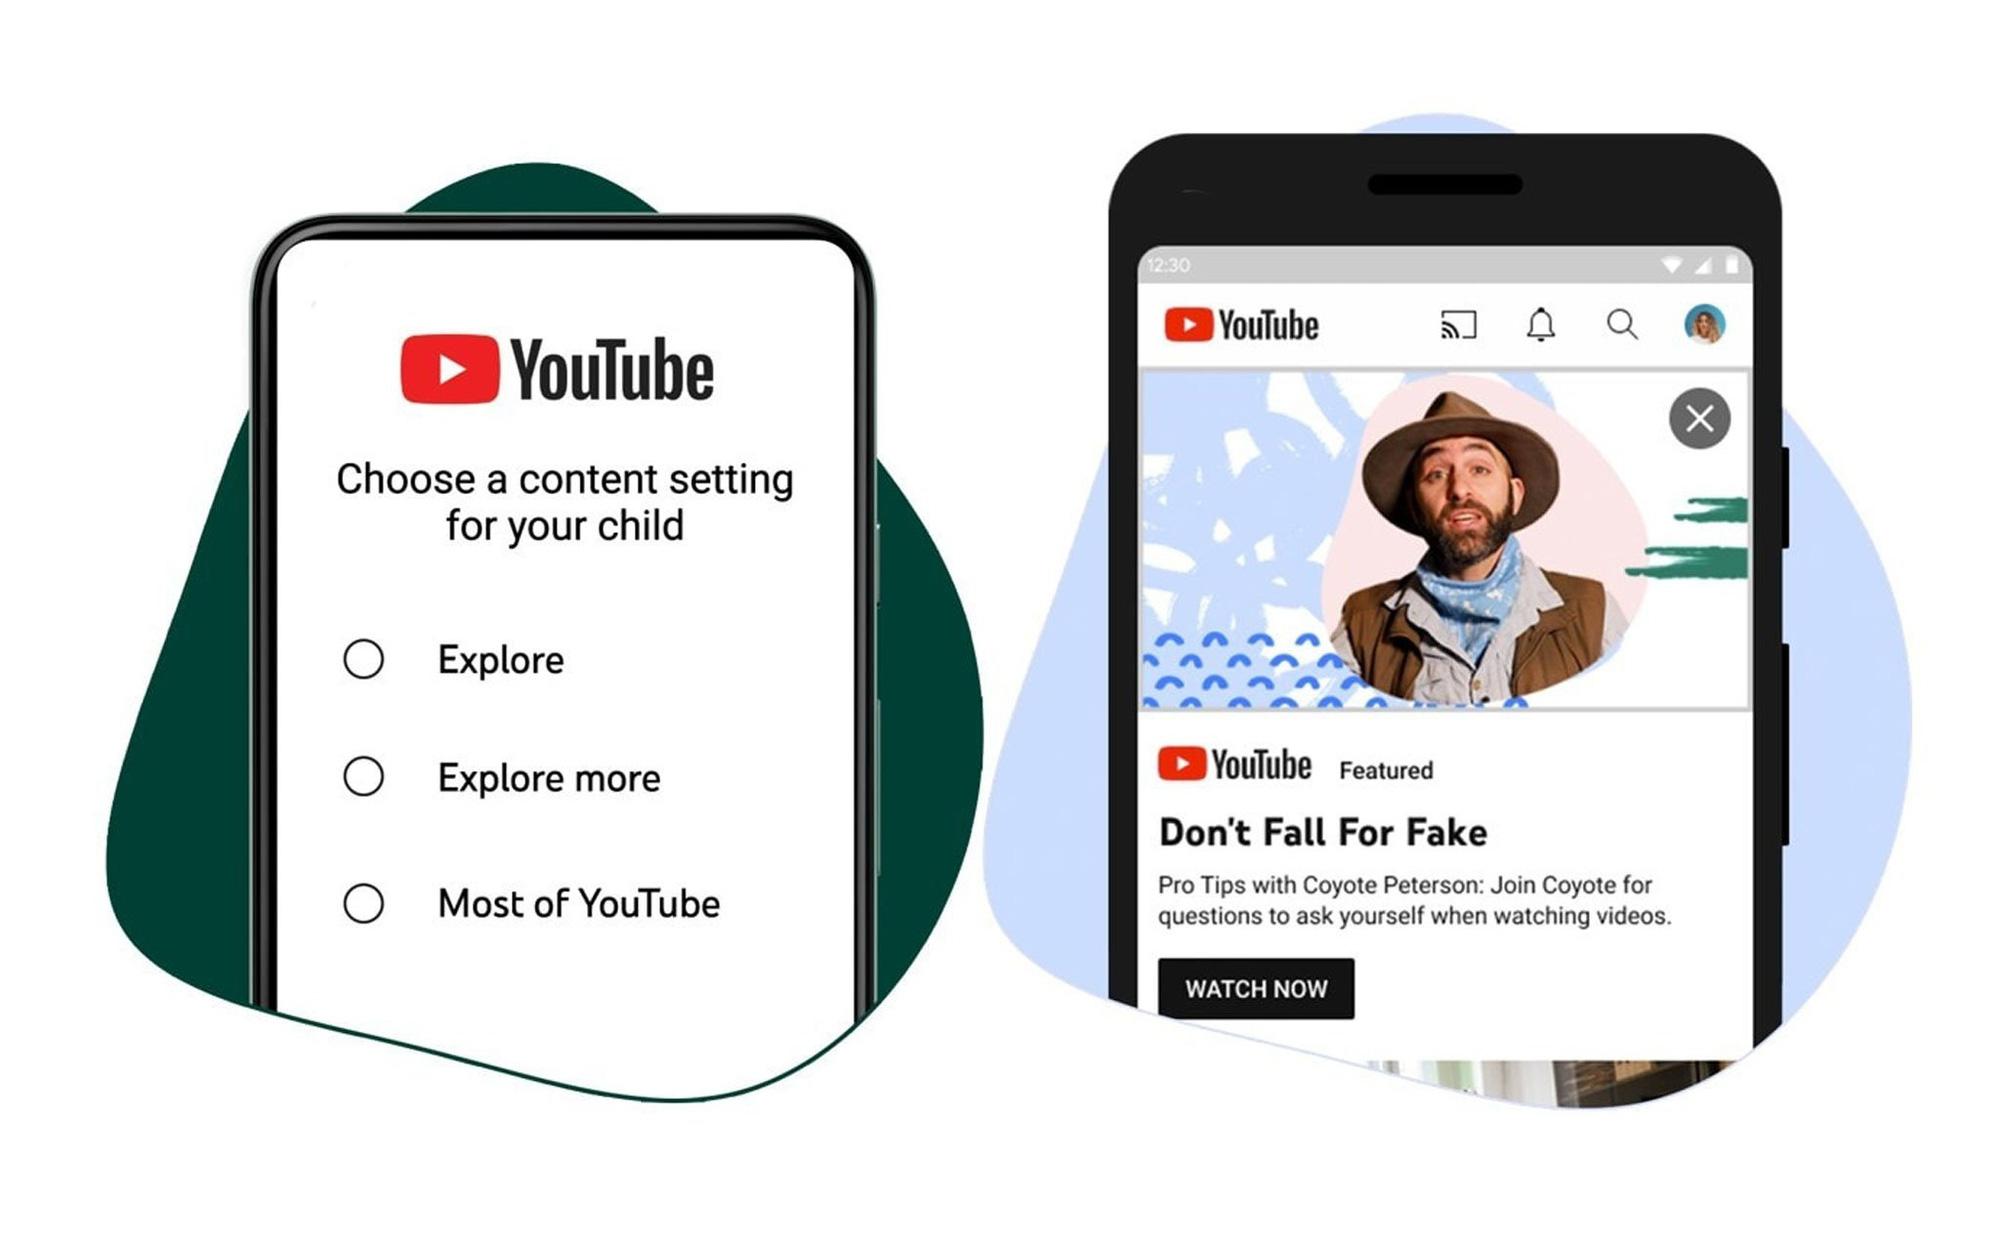 Tính năng mới trên Youtube giúp phụ huynh dễ dàng bảo vệ con em - Ảnh 2.